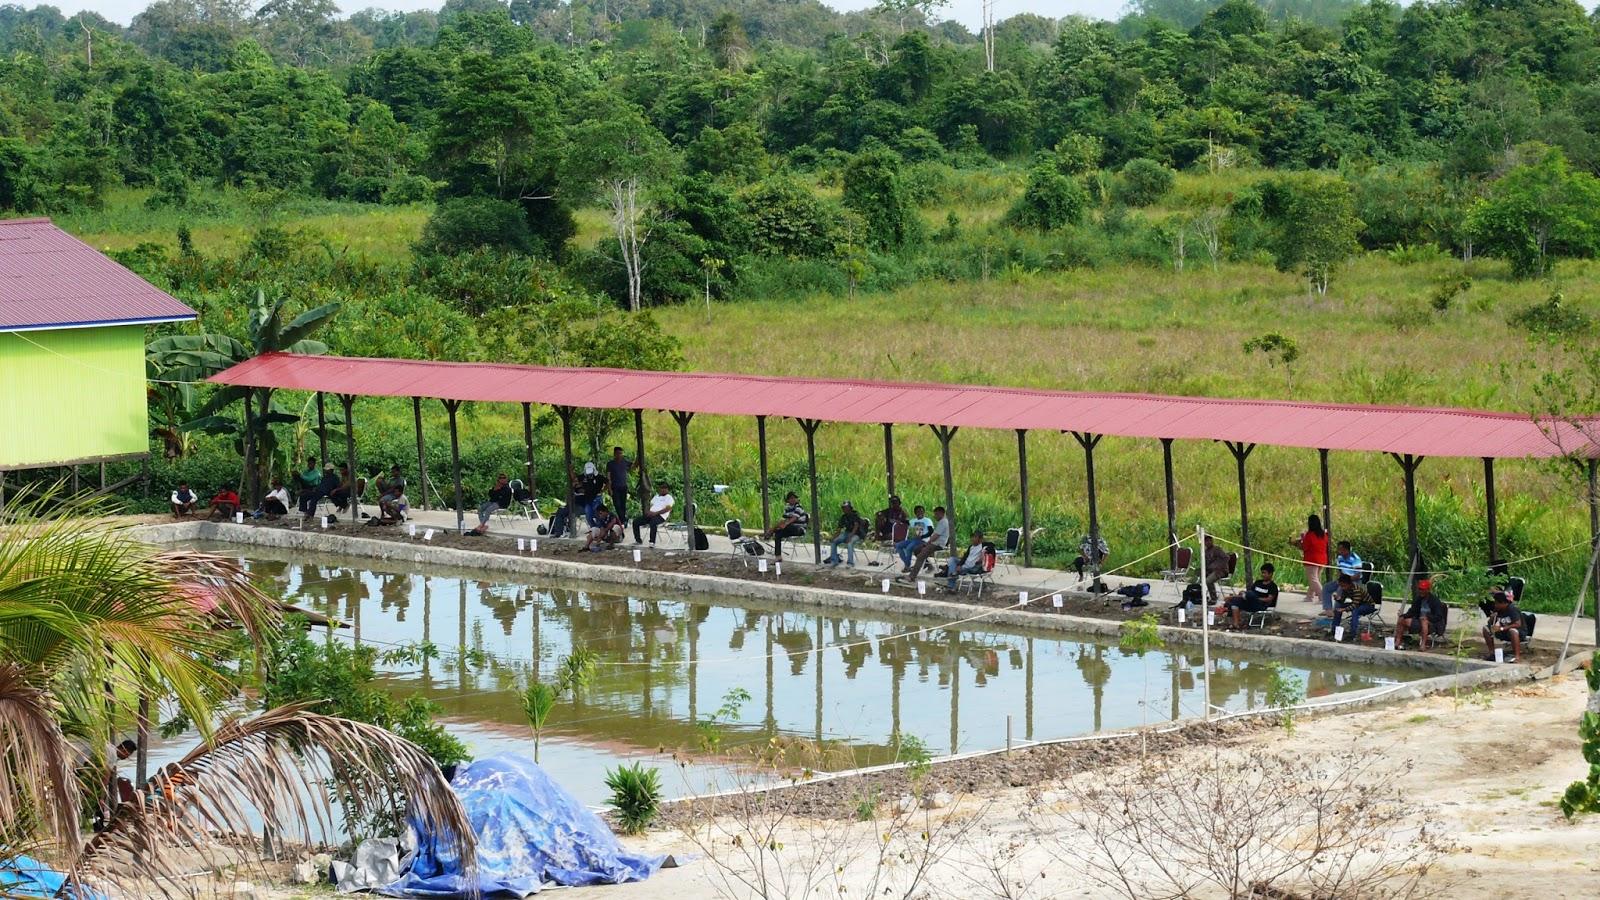 Wisata Kuliner Selimau Park Hitungan Harga Porsi Makan Ikannya Berat